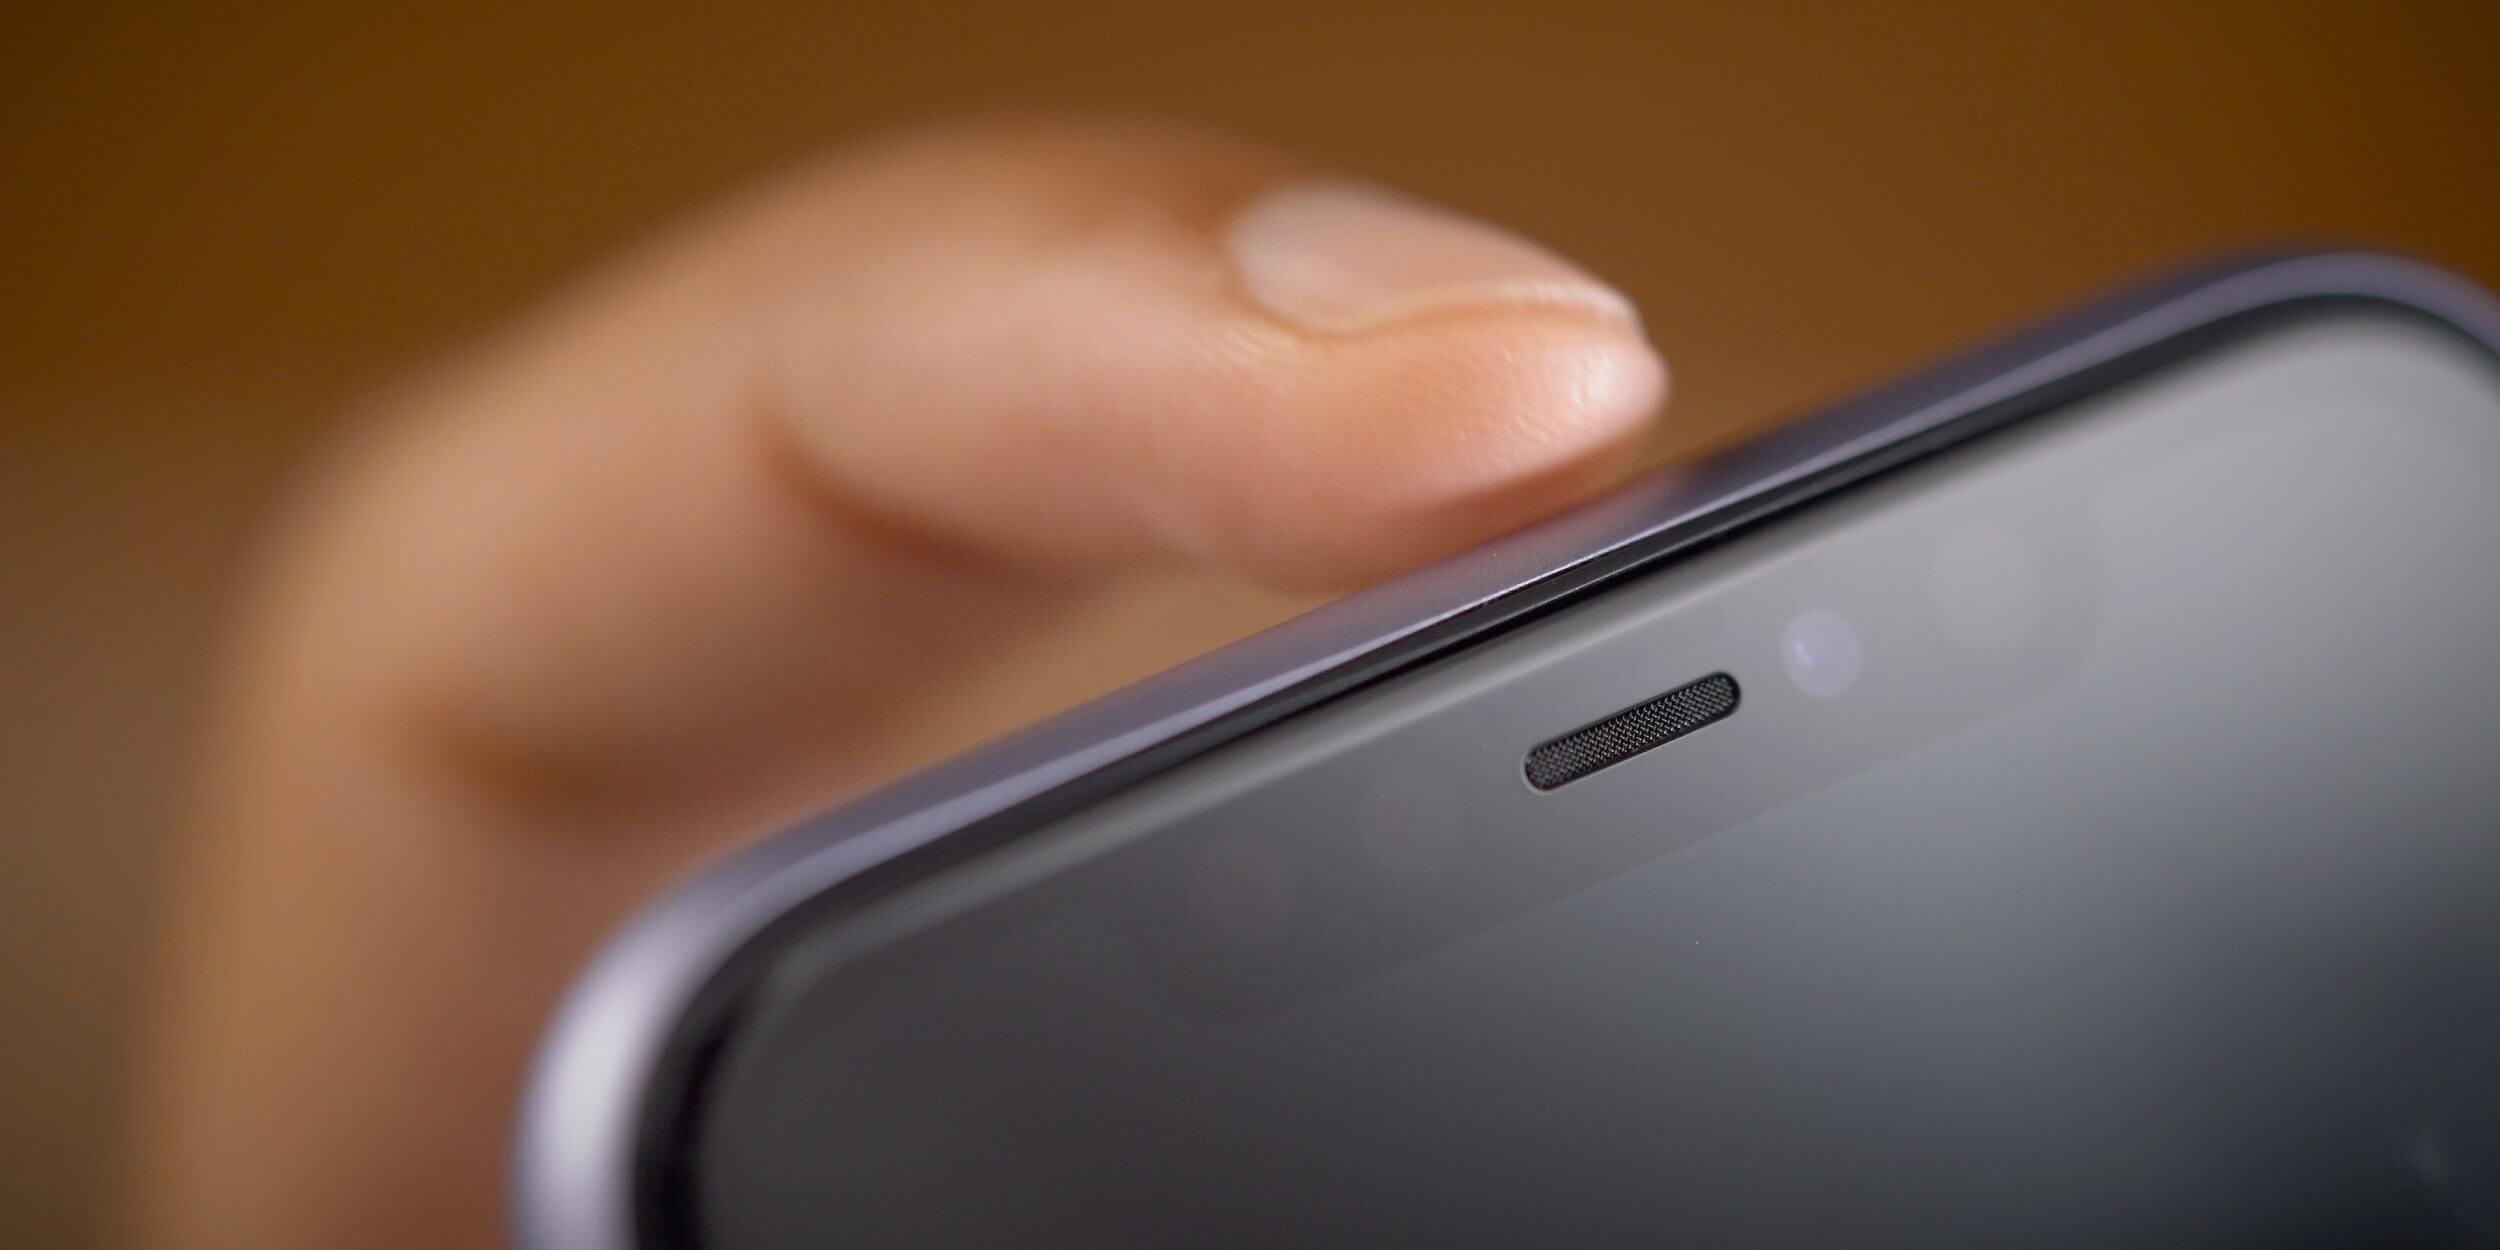 Передняя камера iPhone 11 оказалась хуже, чем у Samsung Galaxy Note 9